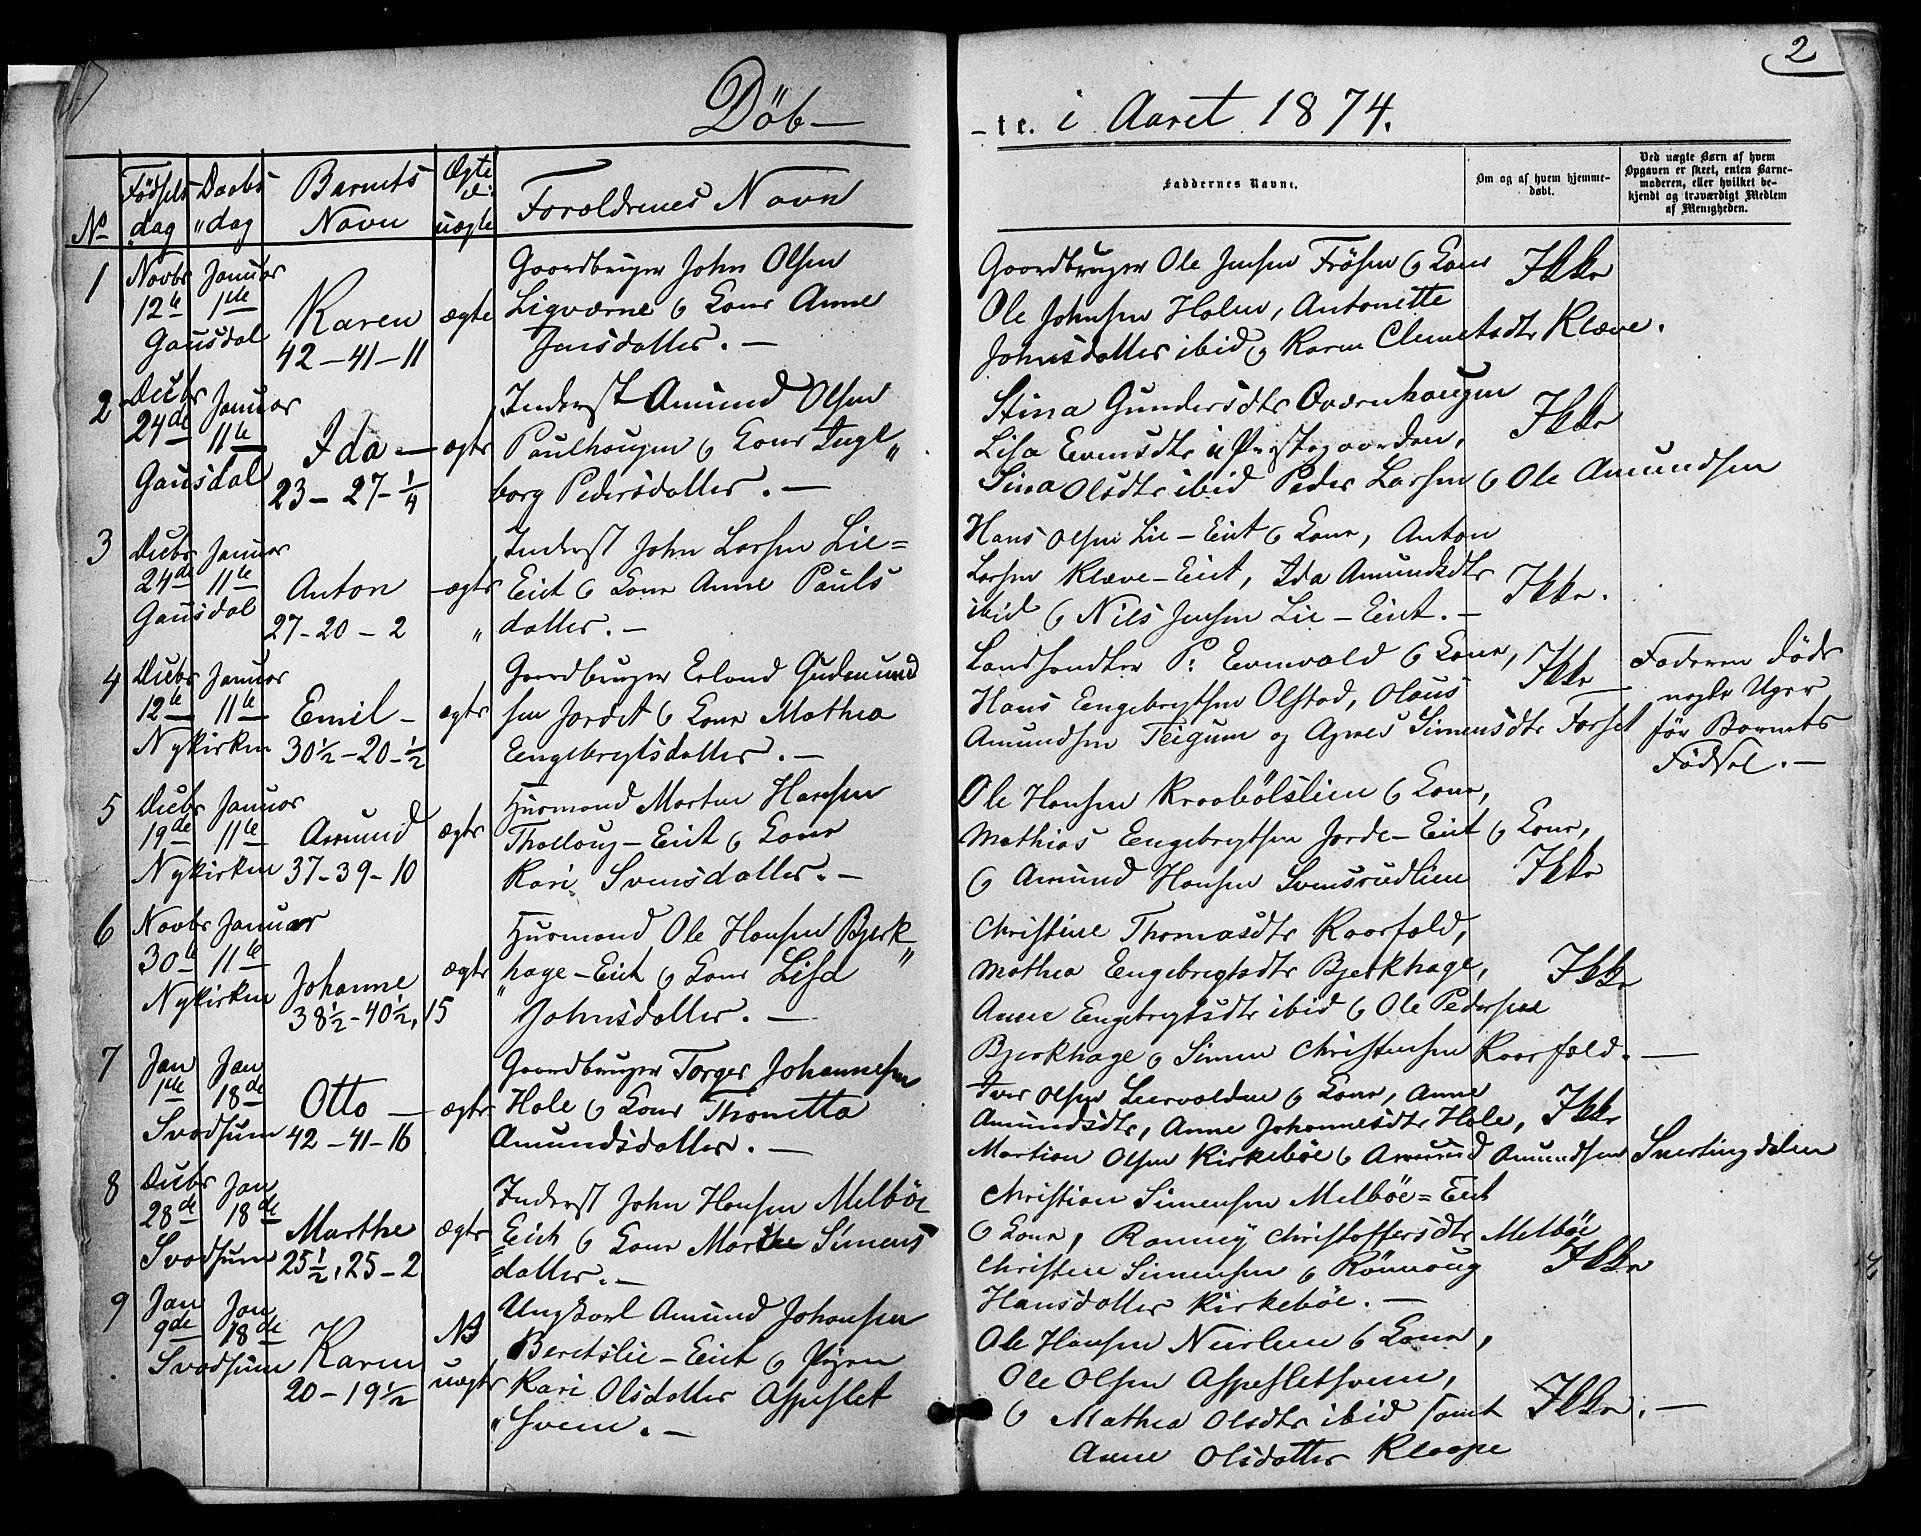 SAH, Østre Gausdal prestekontor, Parish register (official) no. 1, 1874-1886, p. 2